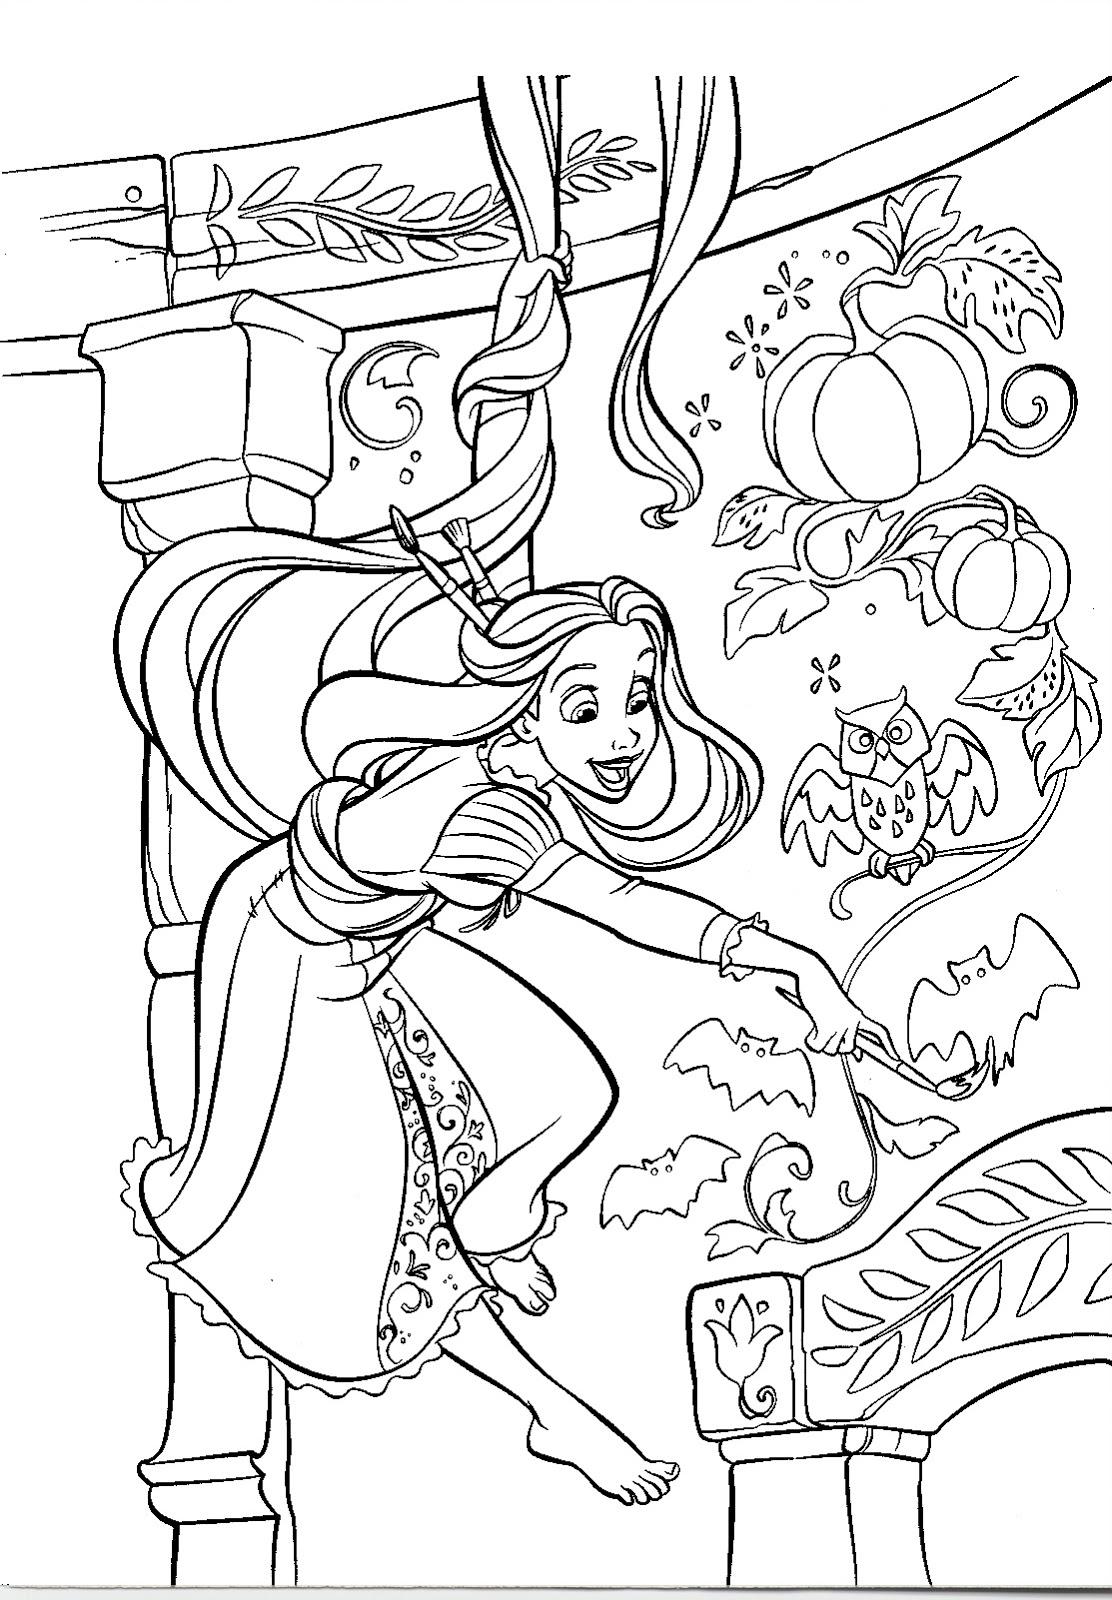 Novo Desenhos Para Colorir Da Barbie Rapunzel Melhores Casas De